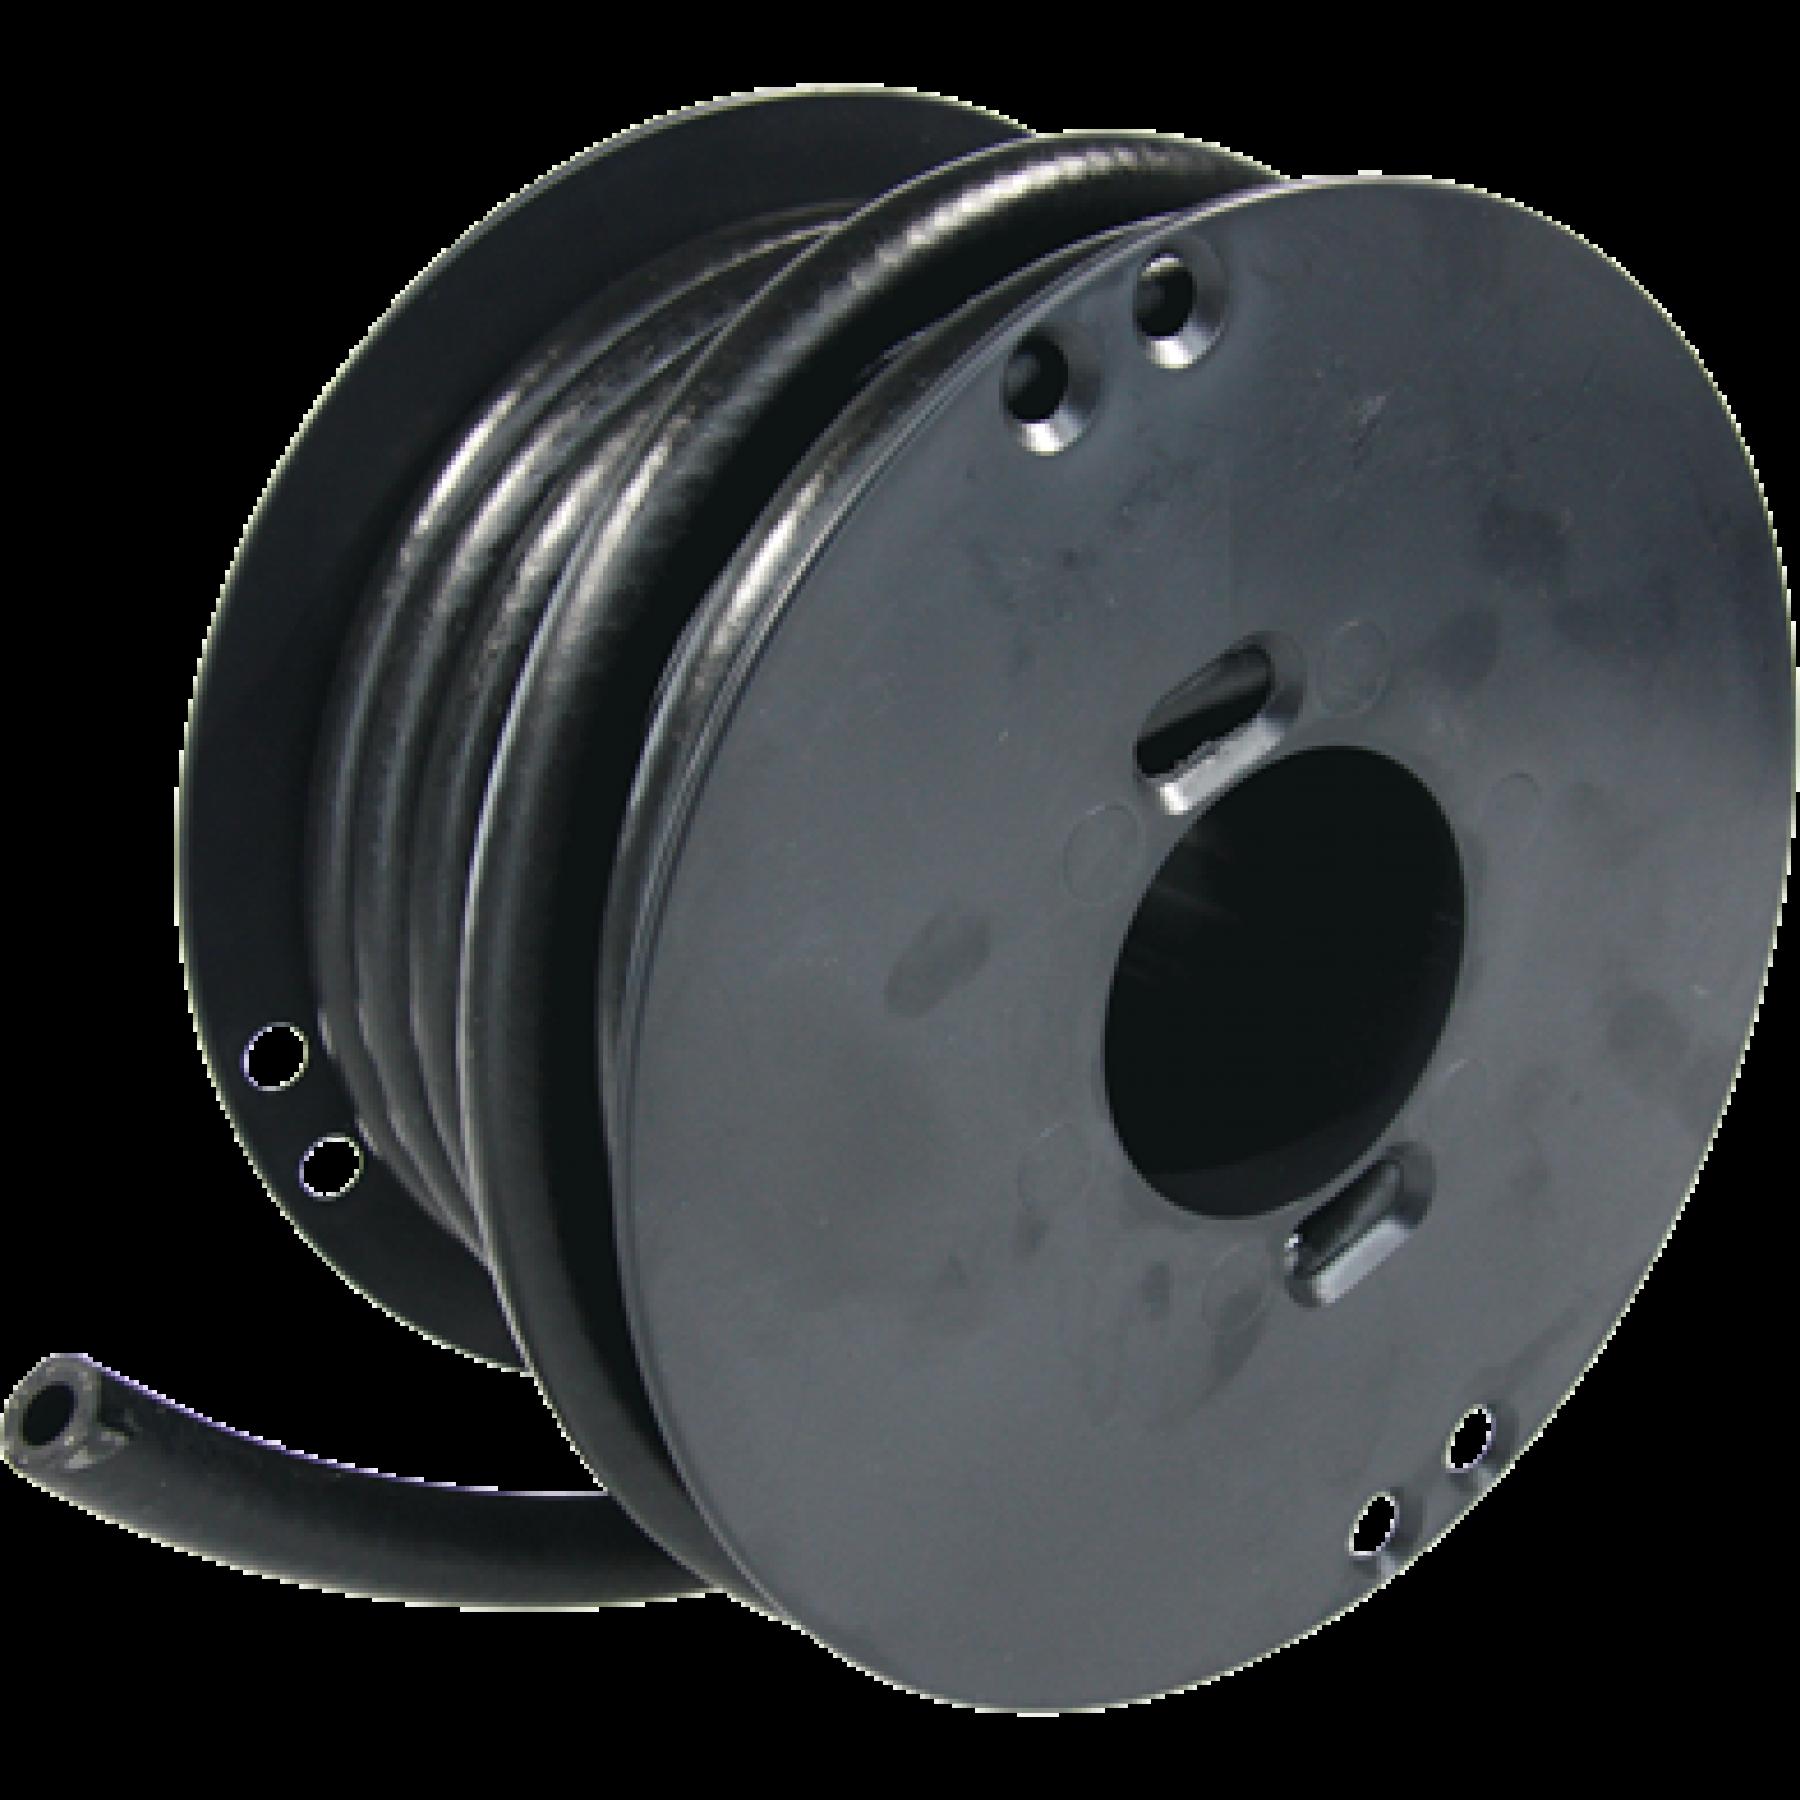 Brandstofslang zwart 13mm (10mtr.)